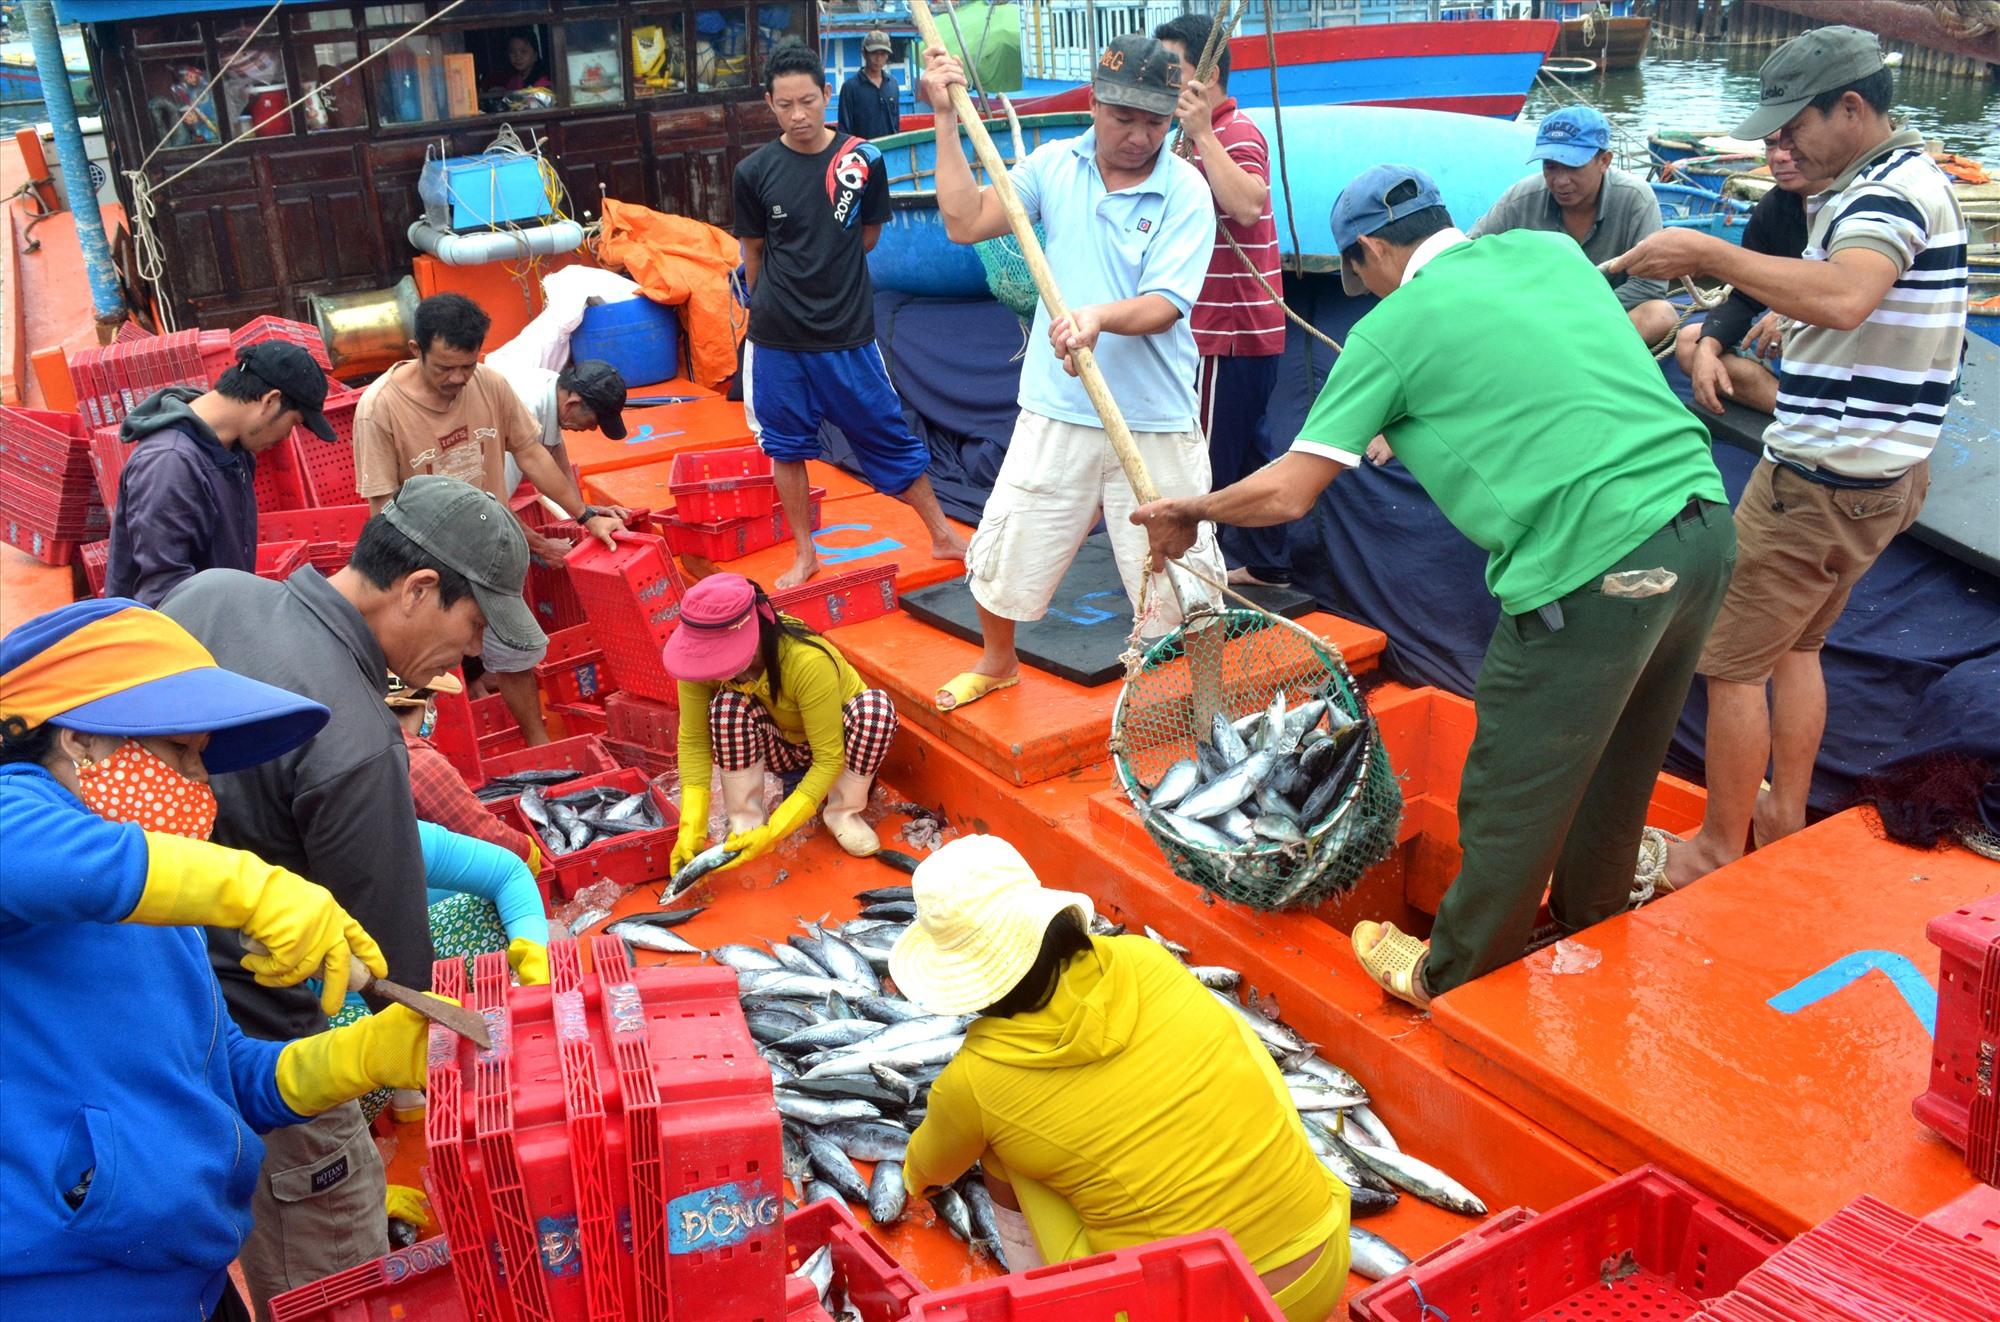 Ngư dân cập bến bán hải sản sau chuyến biển. Ảnh: VIỆT NGUYỄN